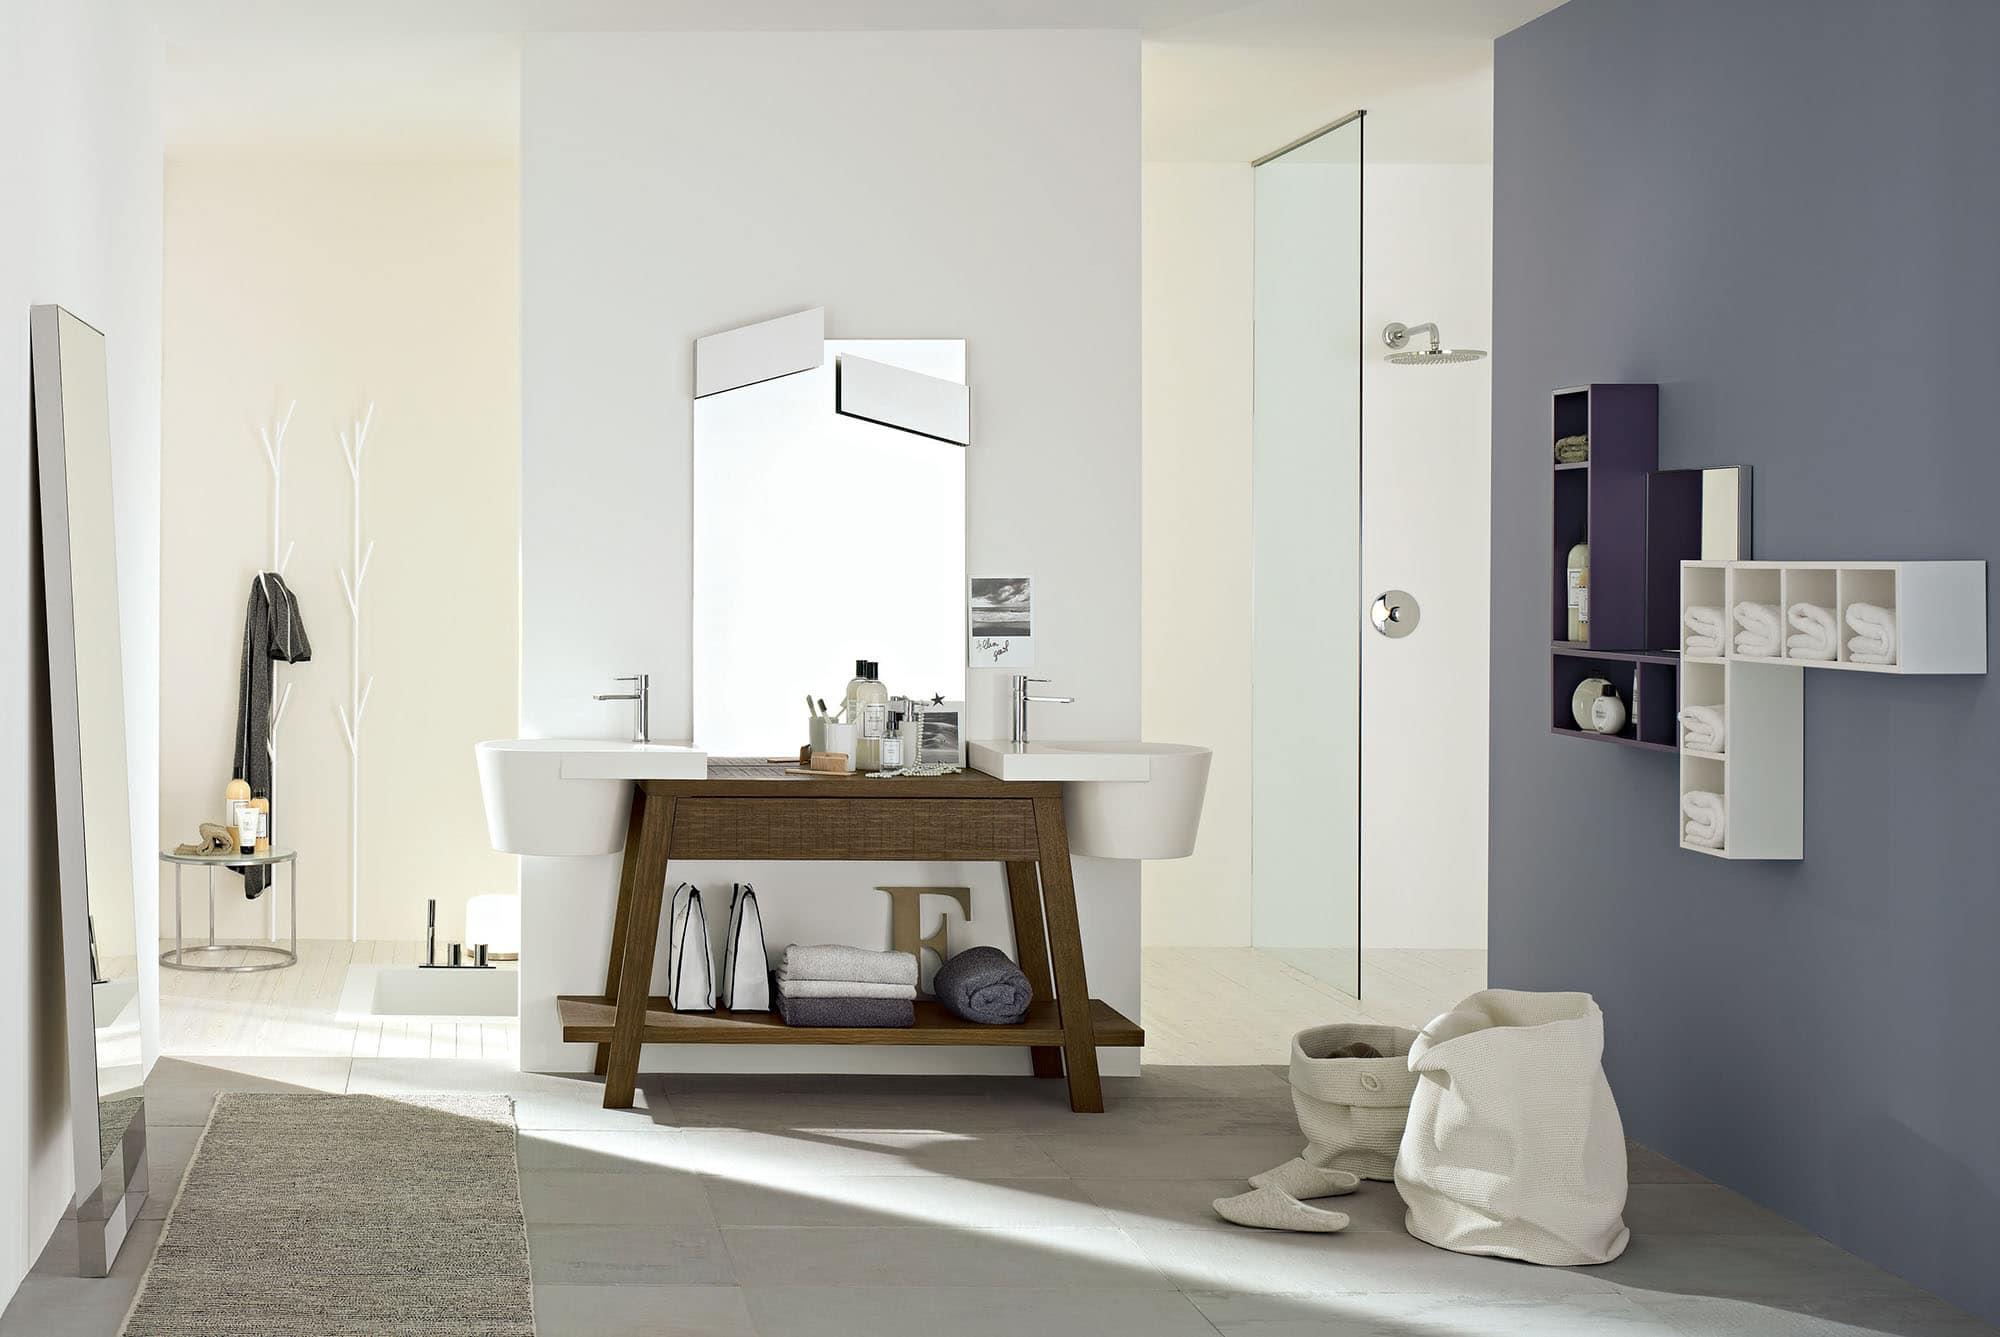 Dipingere soggiorno idee design casa creativa e mobili - Galvan mobili bagno ...